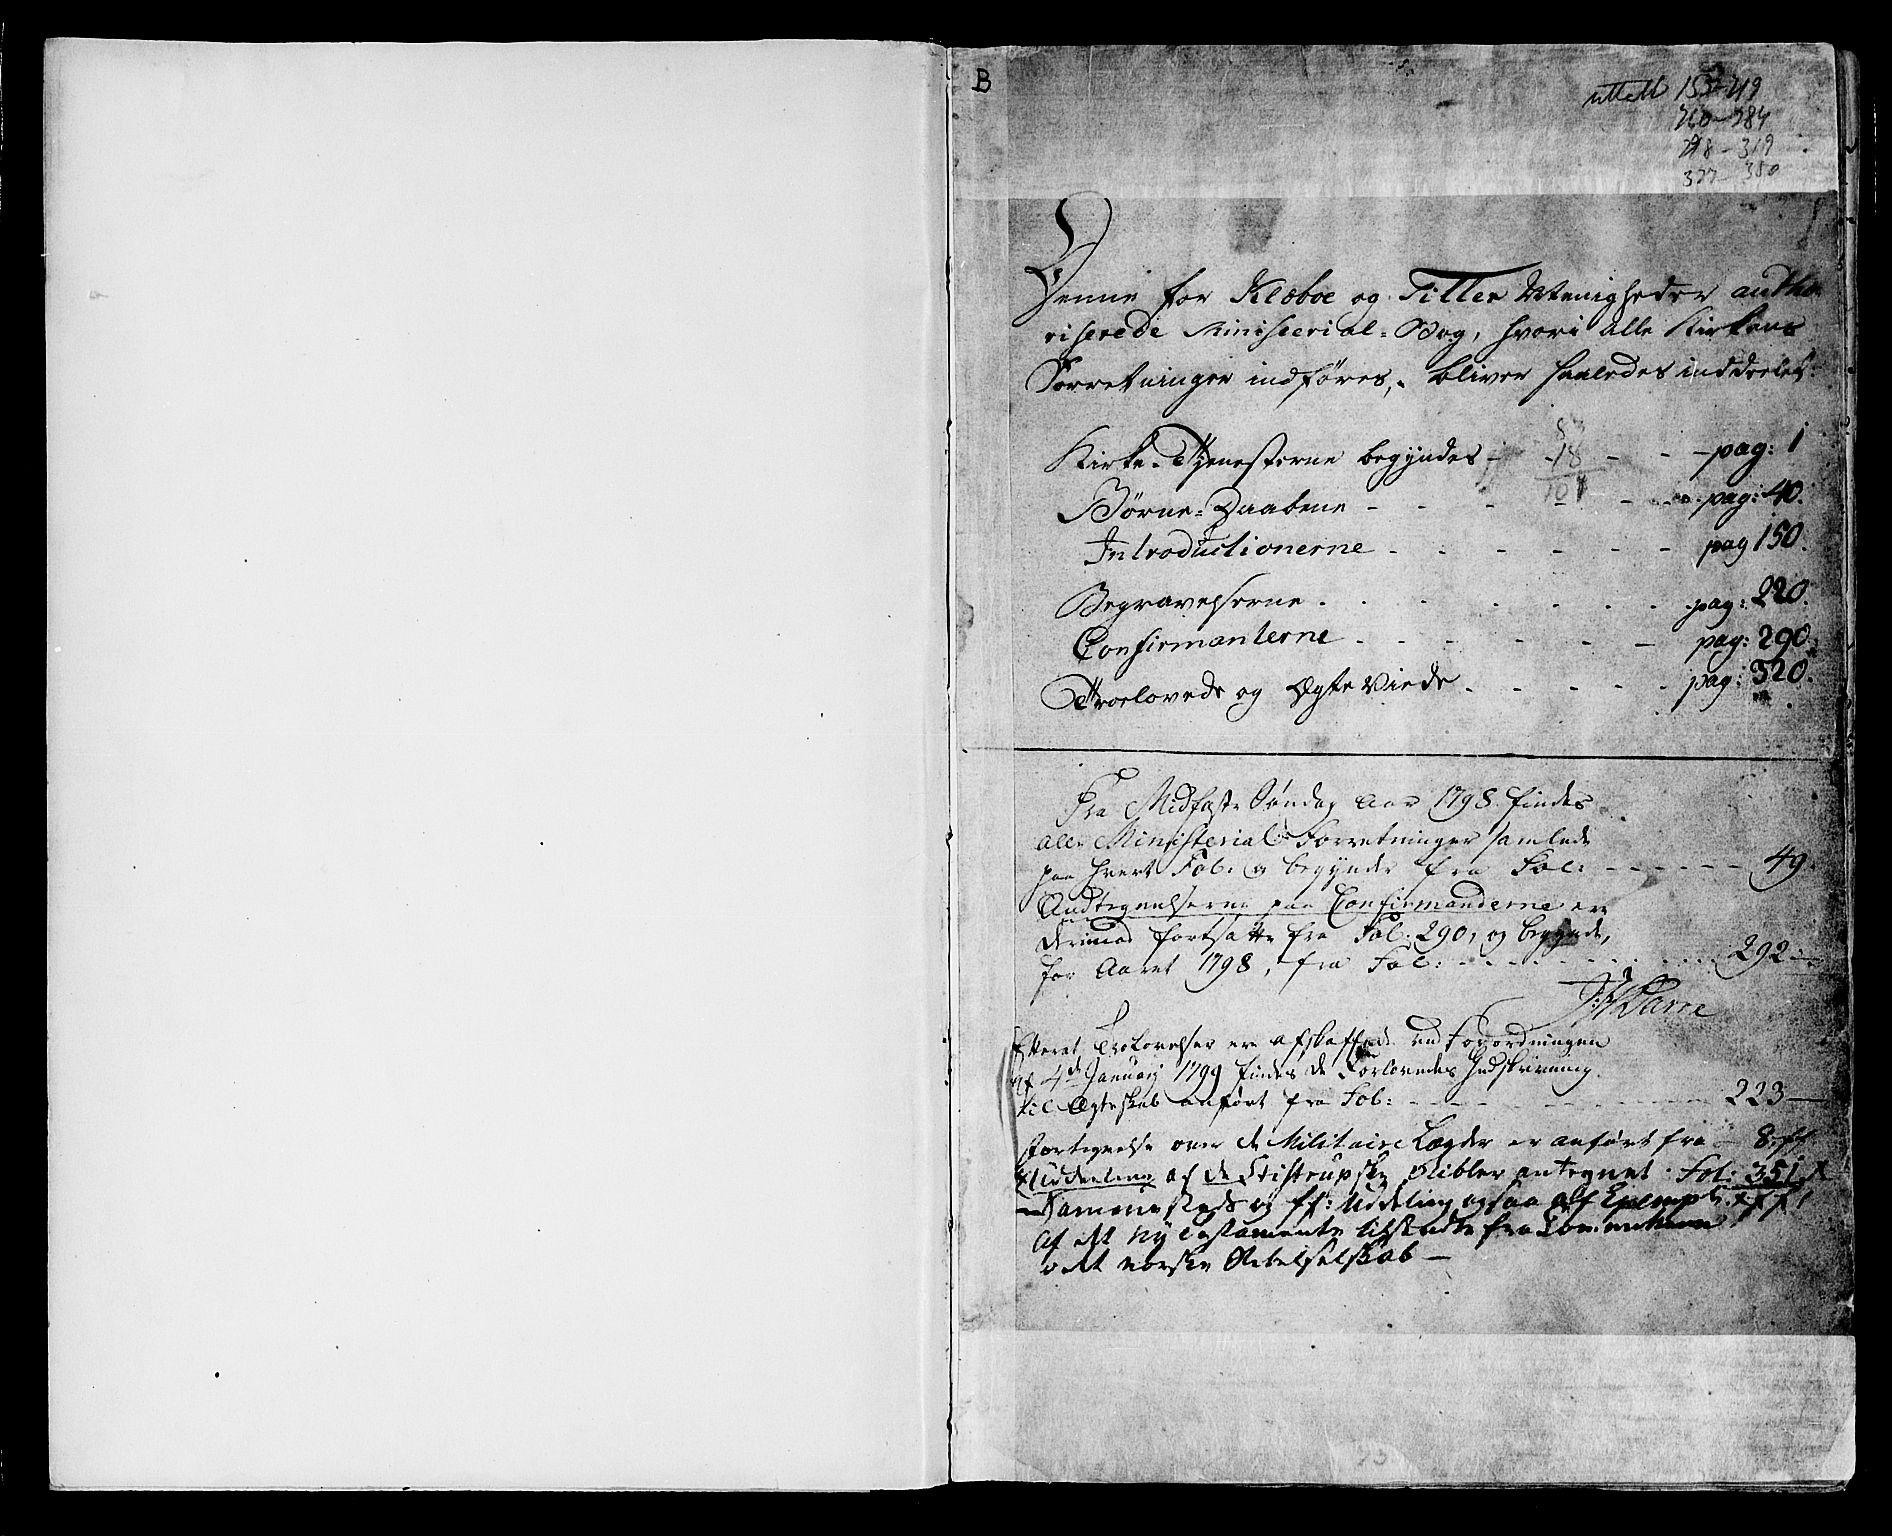 SAT, Ministerialprotokoller, klokkerbøker og fødselsregistre - Sør-Trøndelag, 618/L0438: Ministerialbok nr. 618A03, 1783-1815